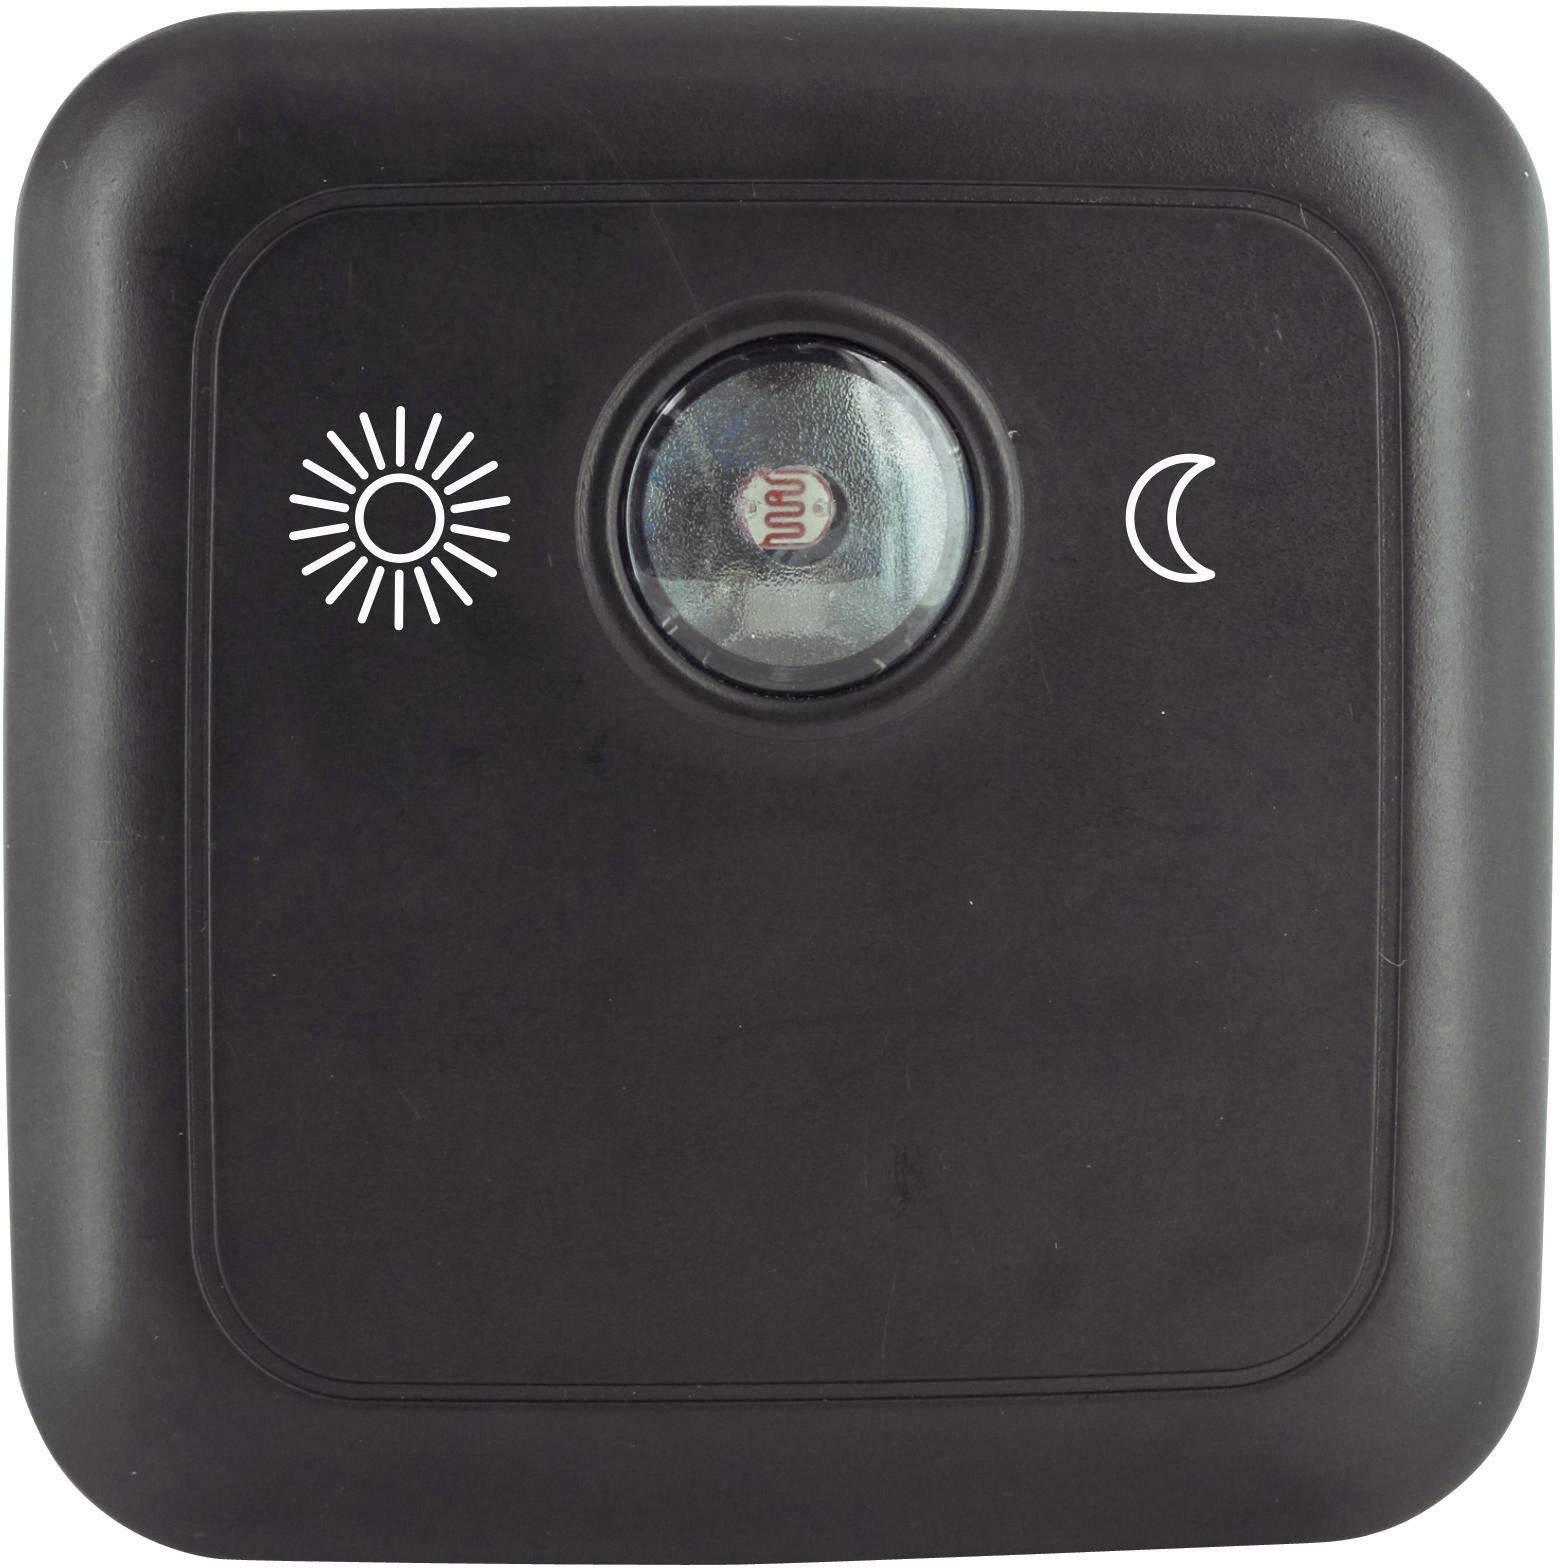 Senzor vonkajšieho svetla Home Easy